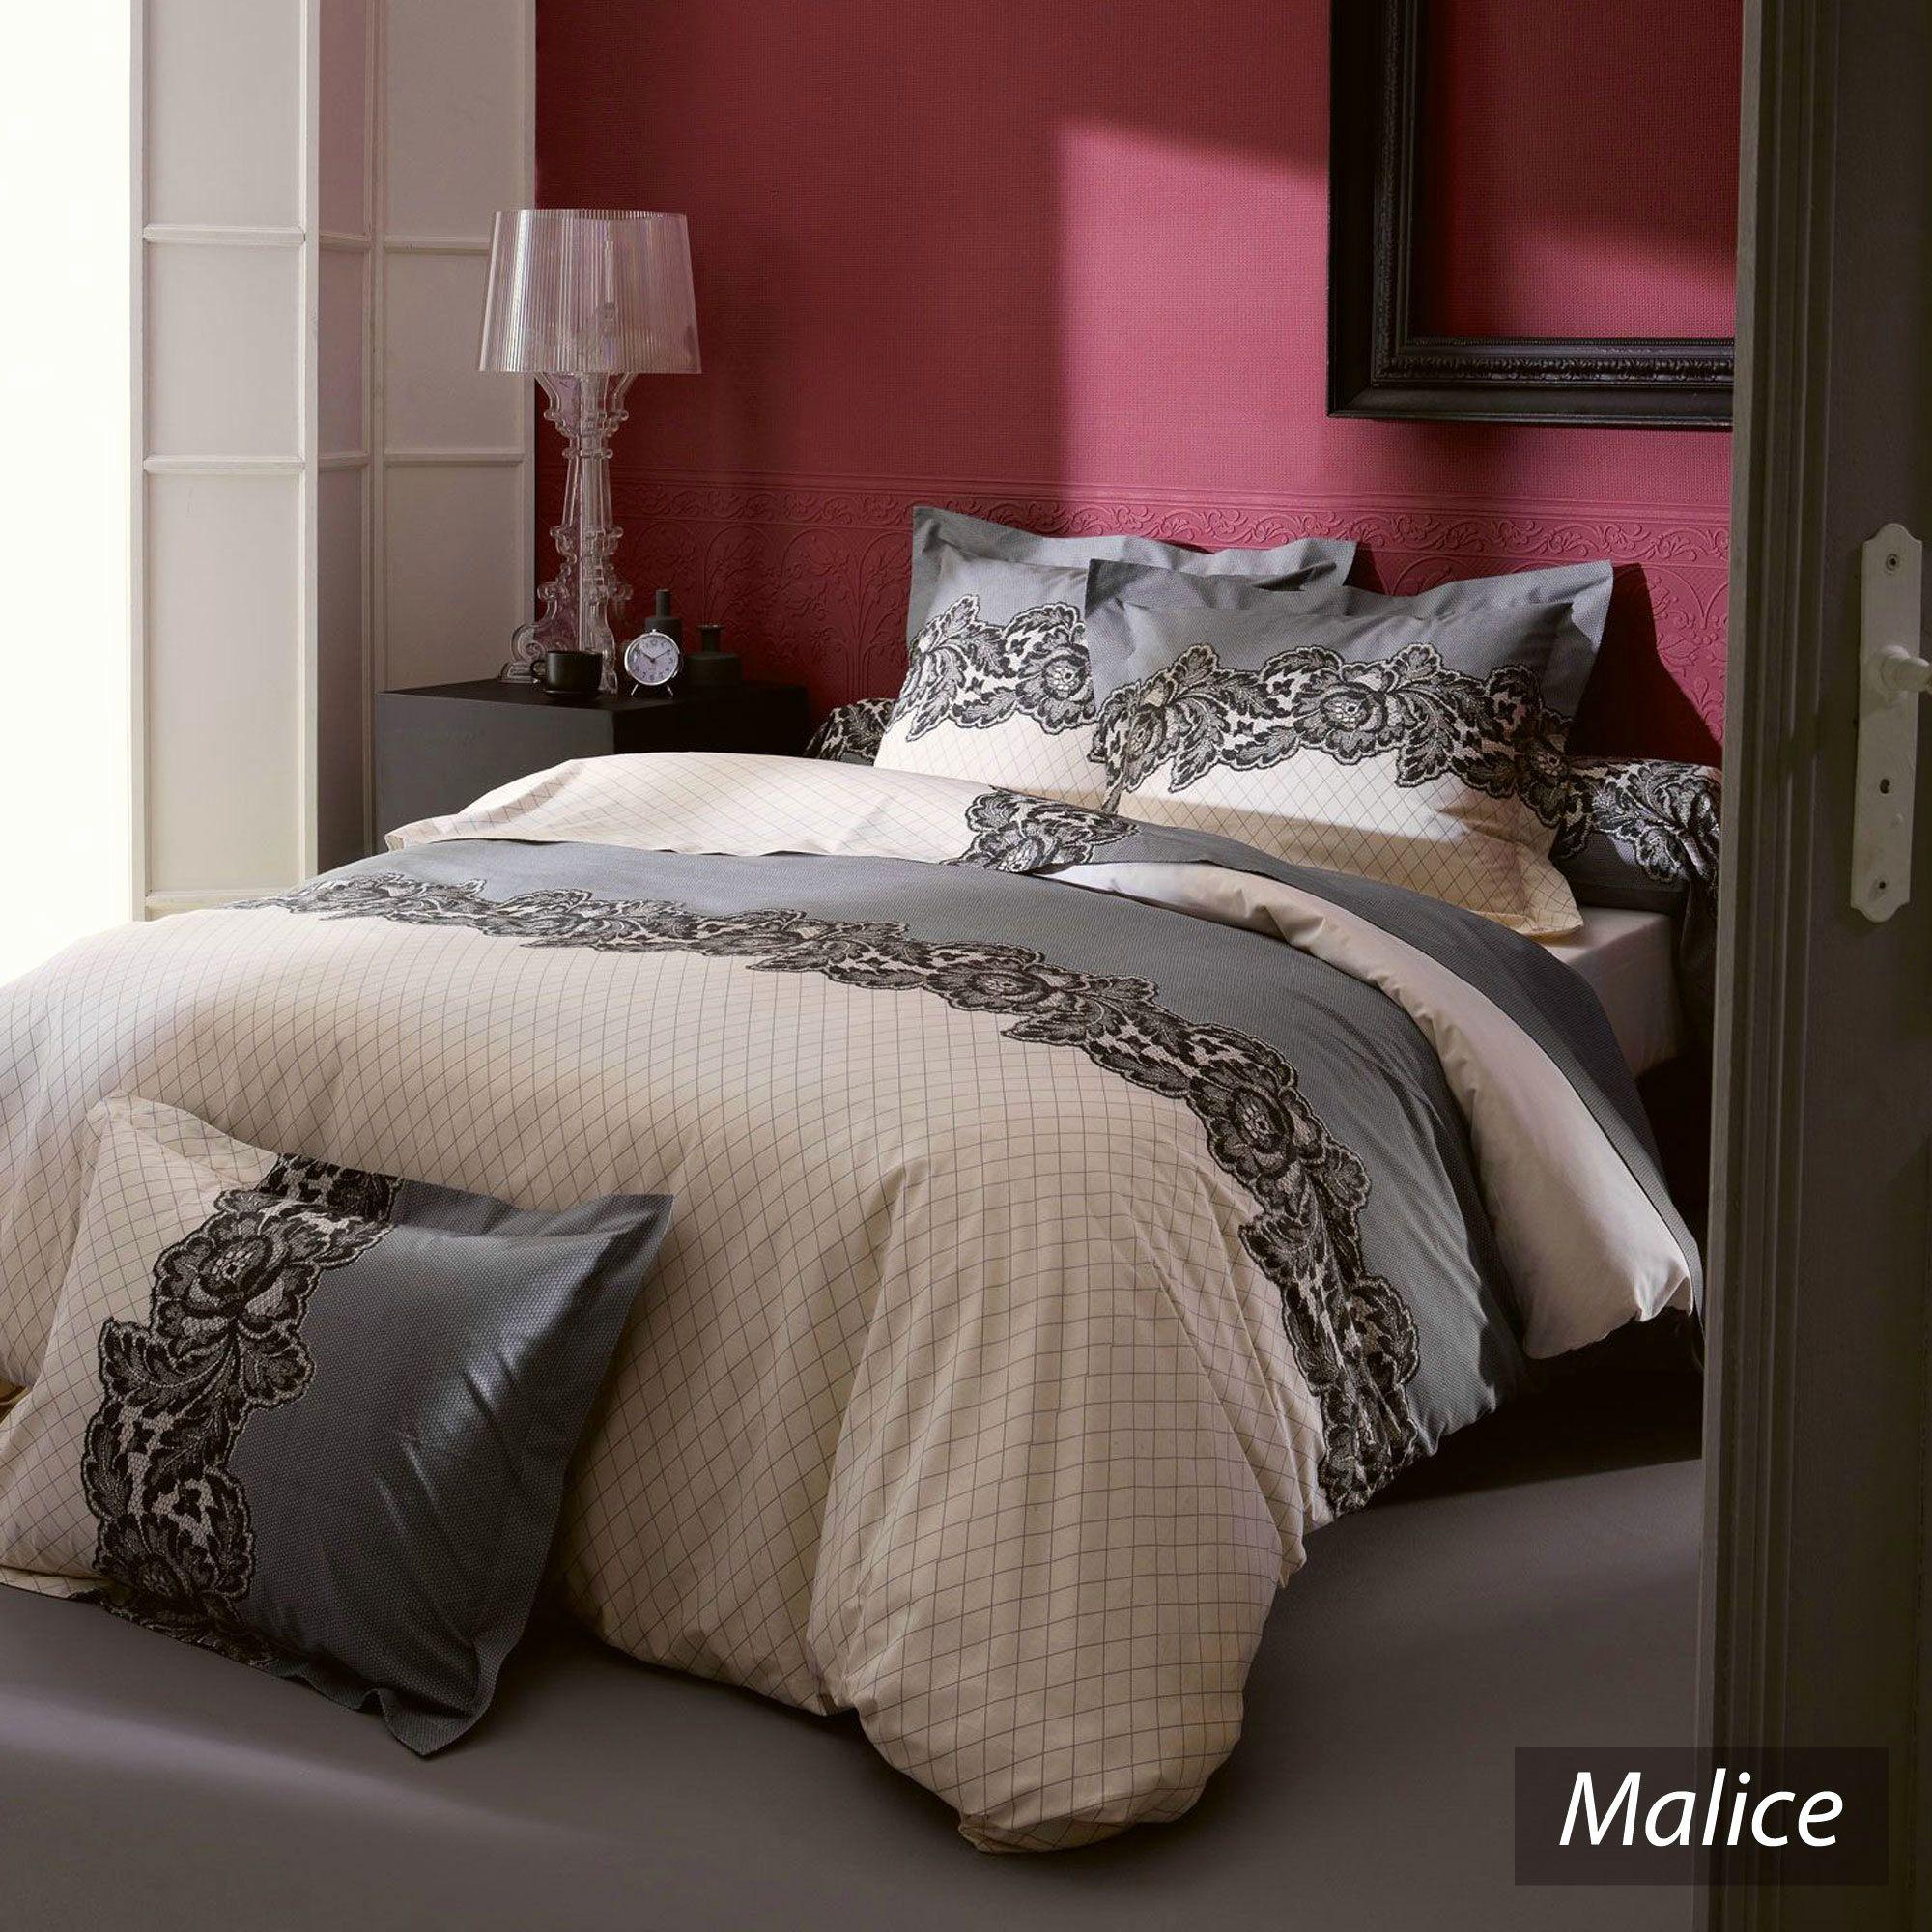 Housse De Couette 260x240 Ikea Housse De Couette 260x240 Ikea Angslilja Housse De Couette Et Taie 150x200 65x65 Cm Ikea Housse Home Decor Luxury Bedding Home